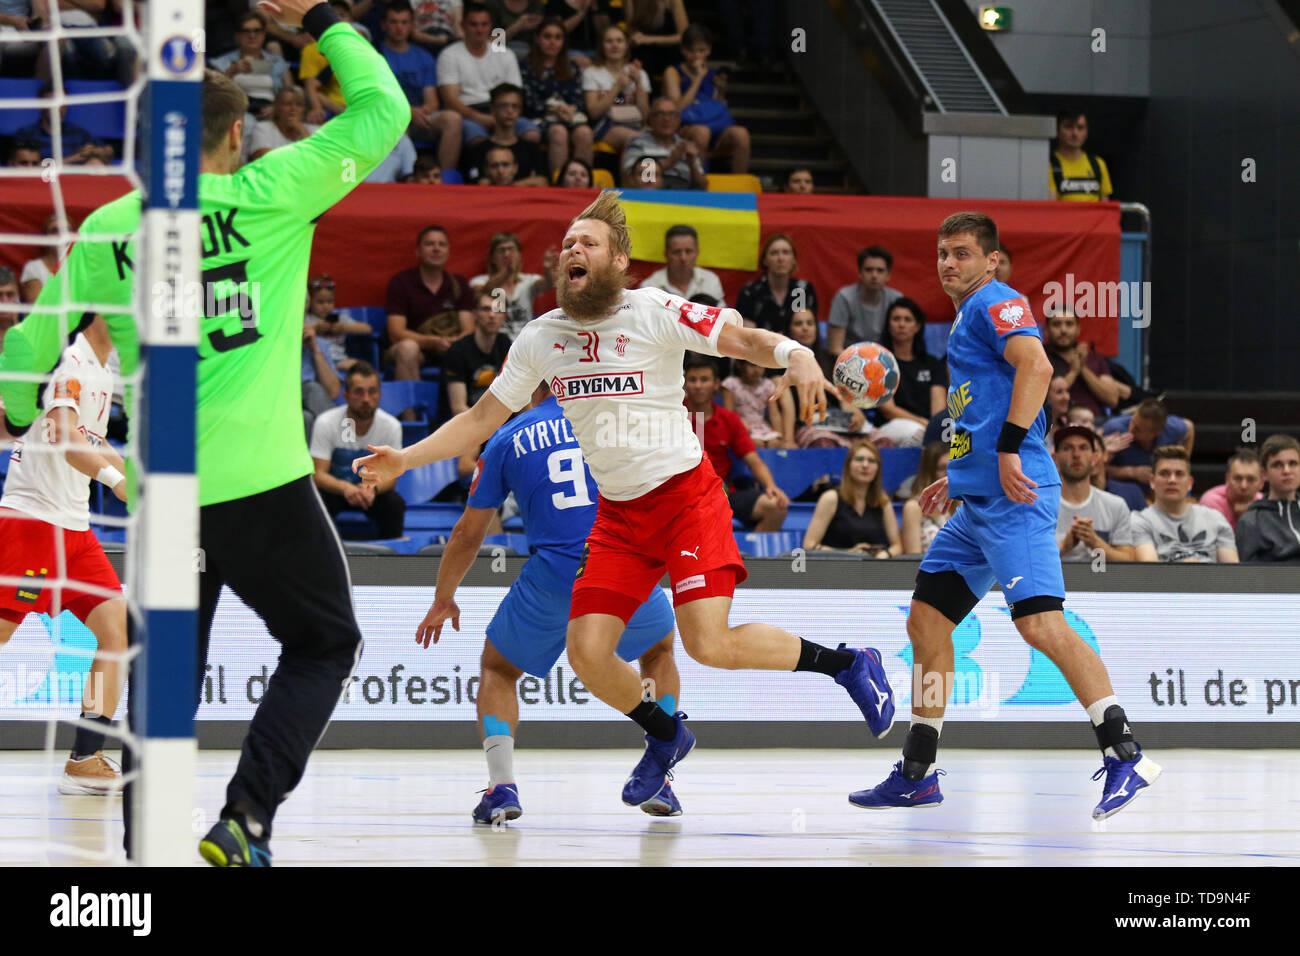 KYIV, UKRAINE - JUNE 12, 2019: Nikolaj Oris NIELSEN of Denmark (in White) attacks during the EHF EURO 2020 Qualifiers handball game Ukraine v Denmark  Stock Photo